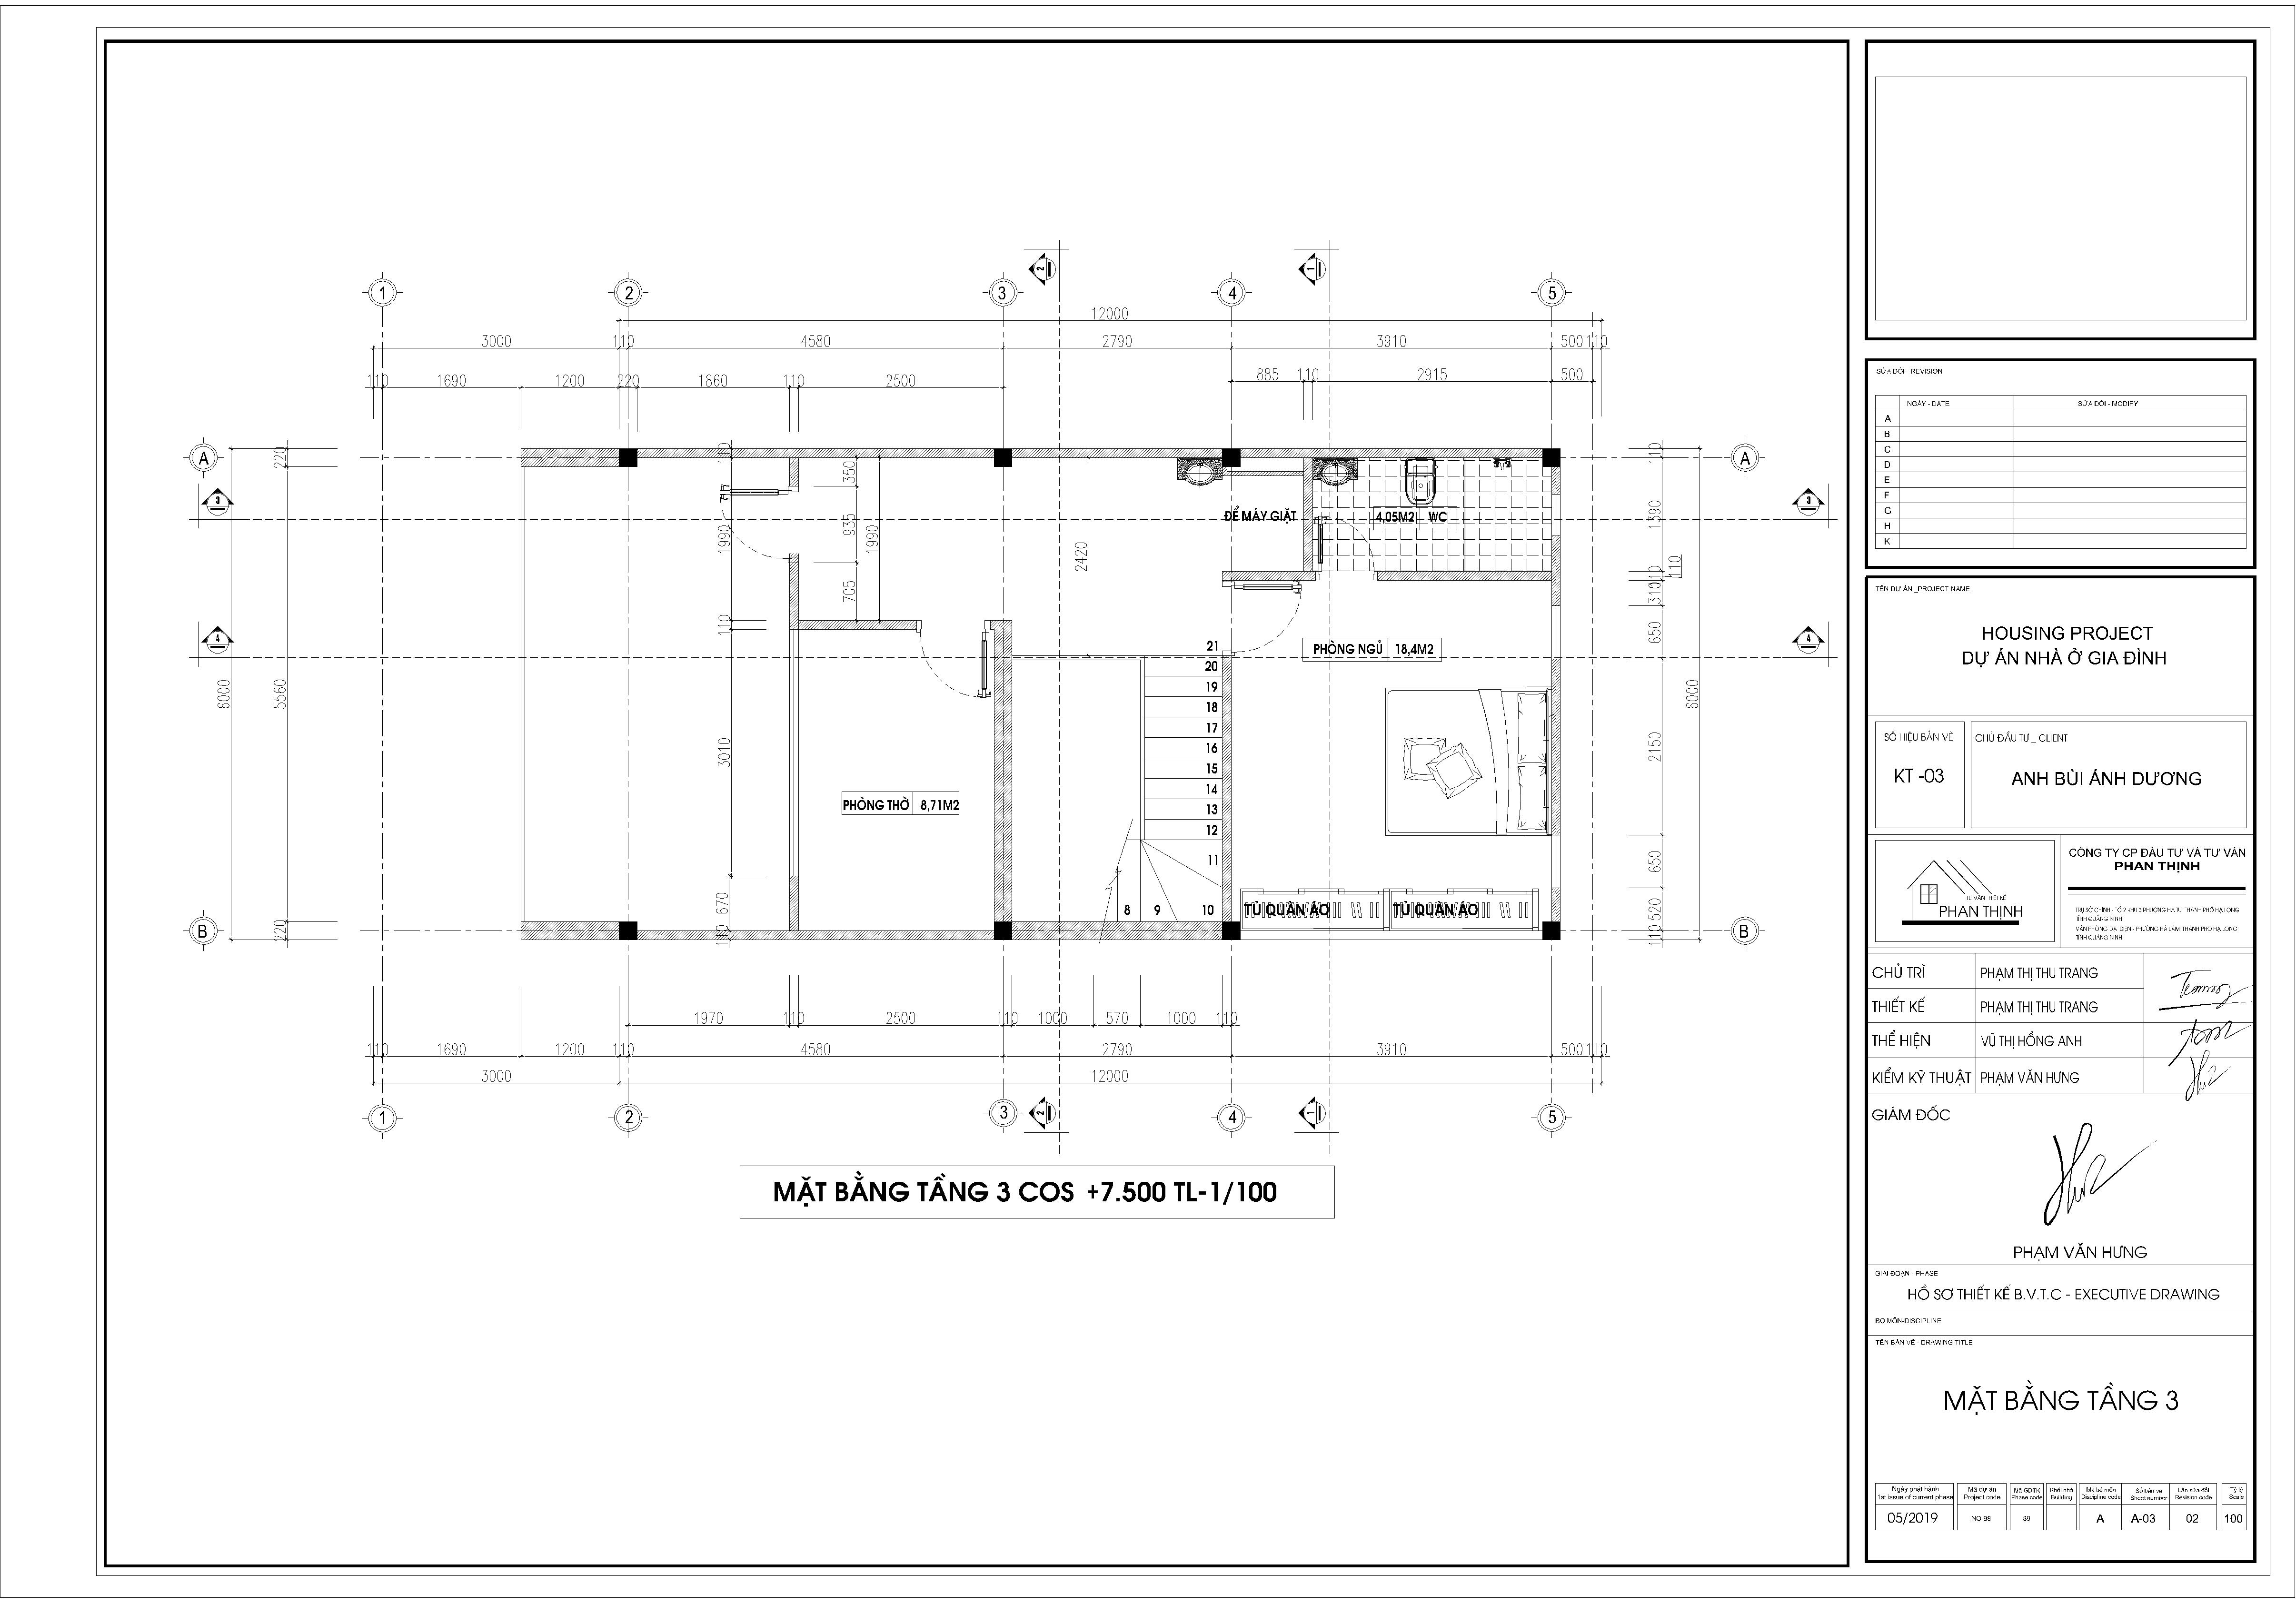 Thiết kế xây dựng nhà tại tầng 3.